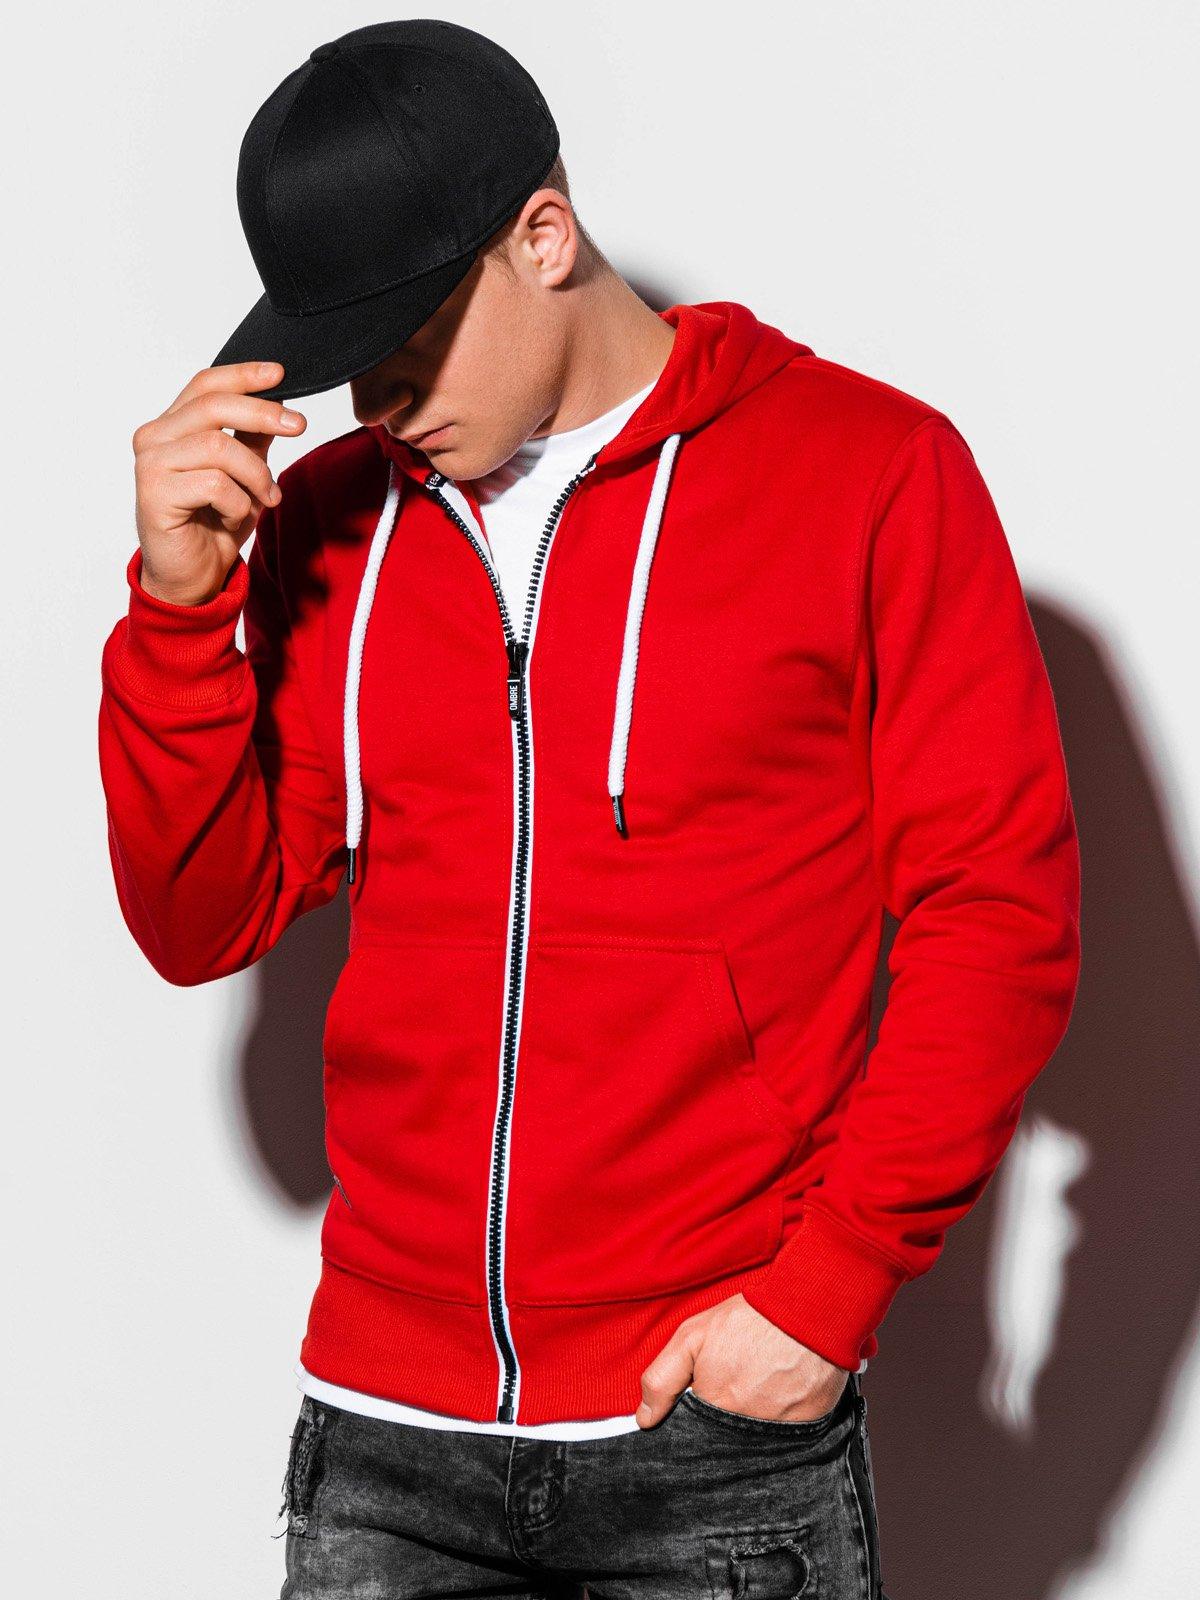 Купить со скидкой Толстовка чоловіча на застібці з капюшоном B977 – червона